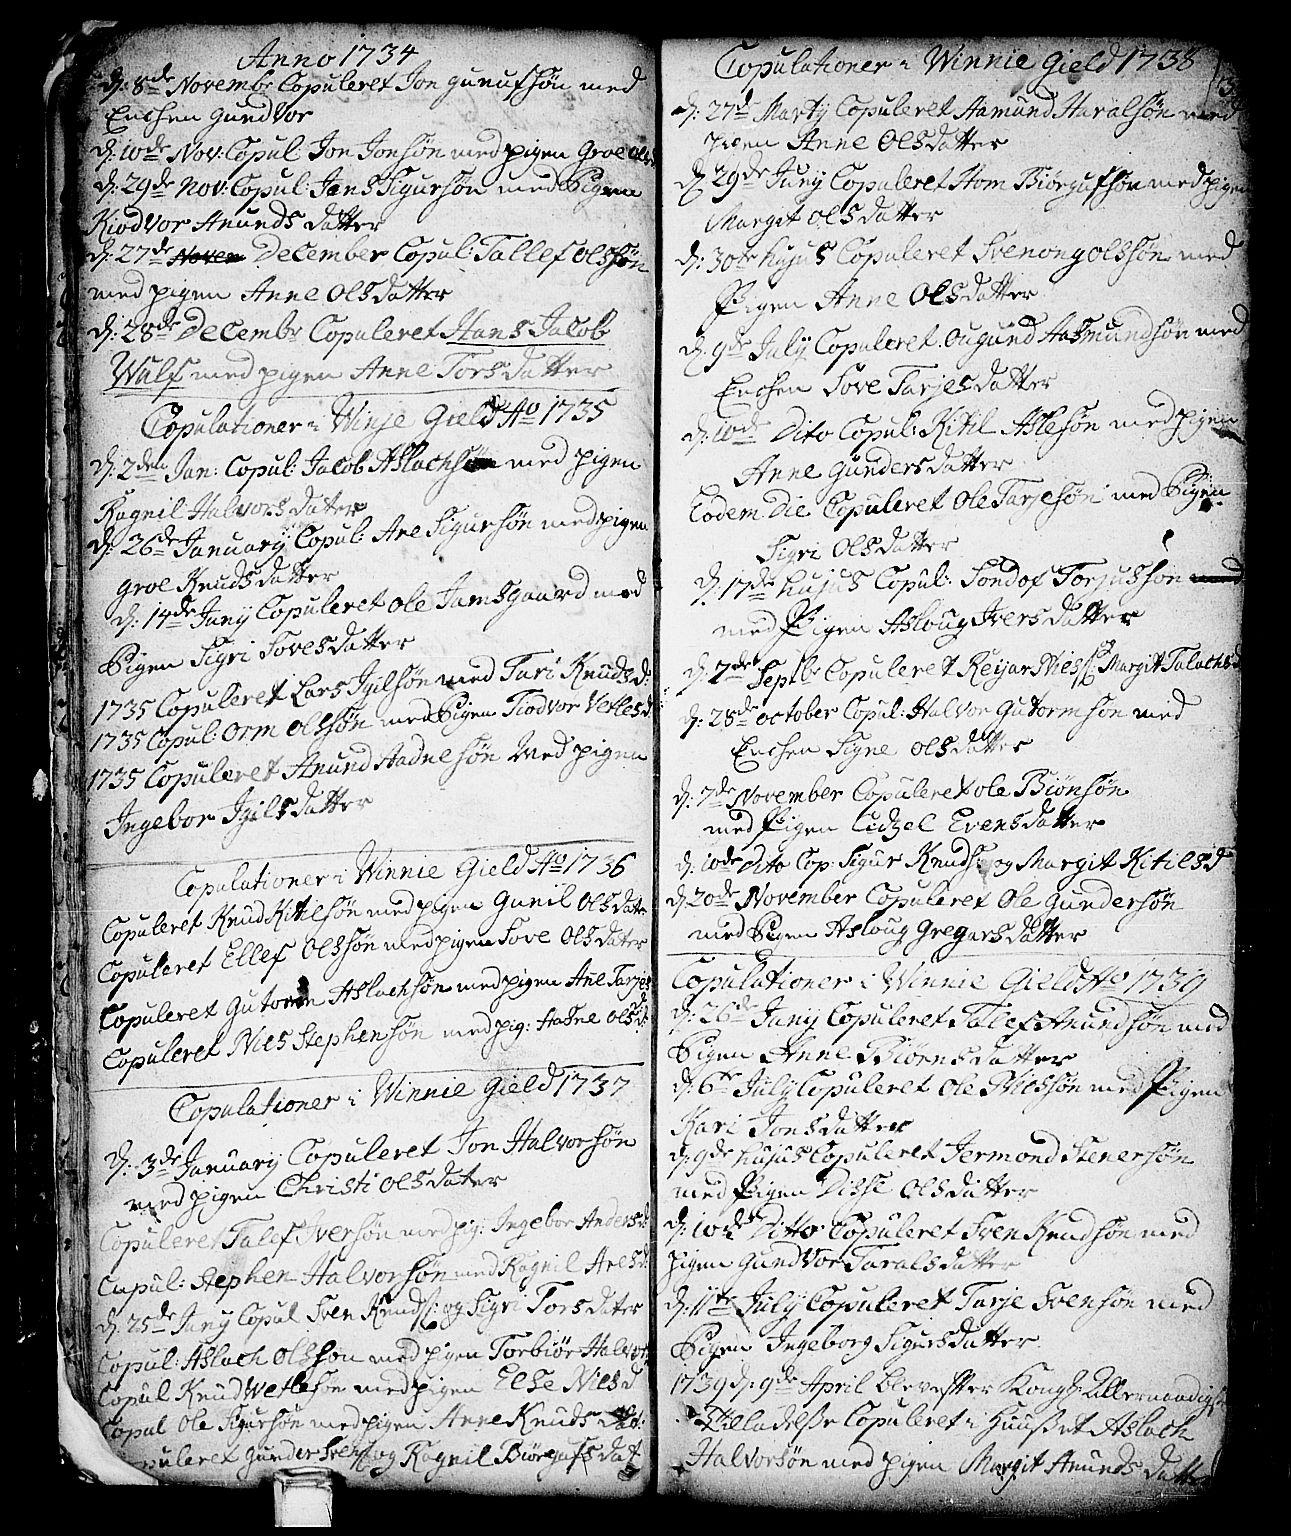 SAKO, Vinje kirkebøker, F/Fa/L0001: Ministerialbok nr. I 1, 1717-1766, s. 34